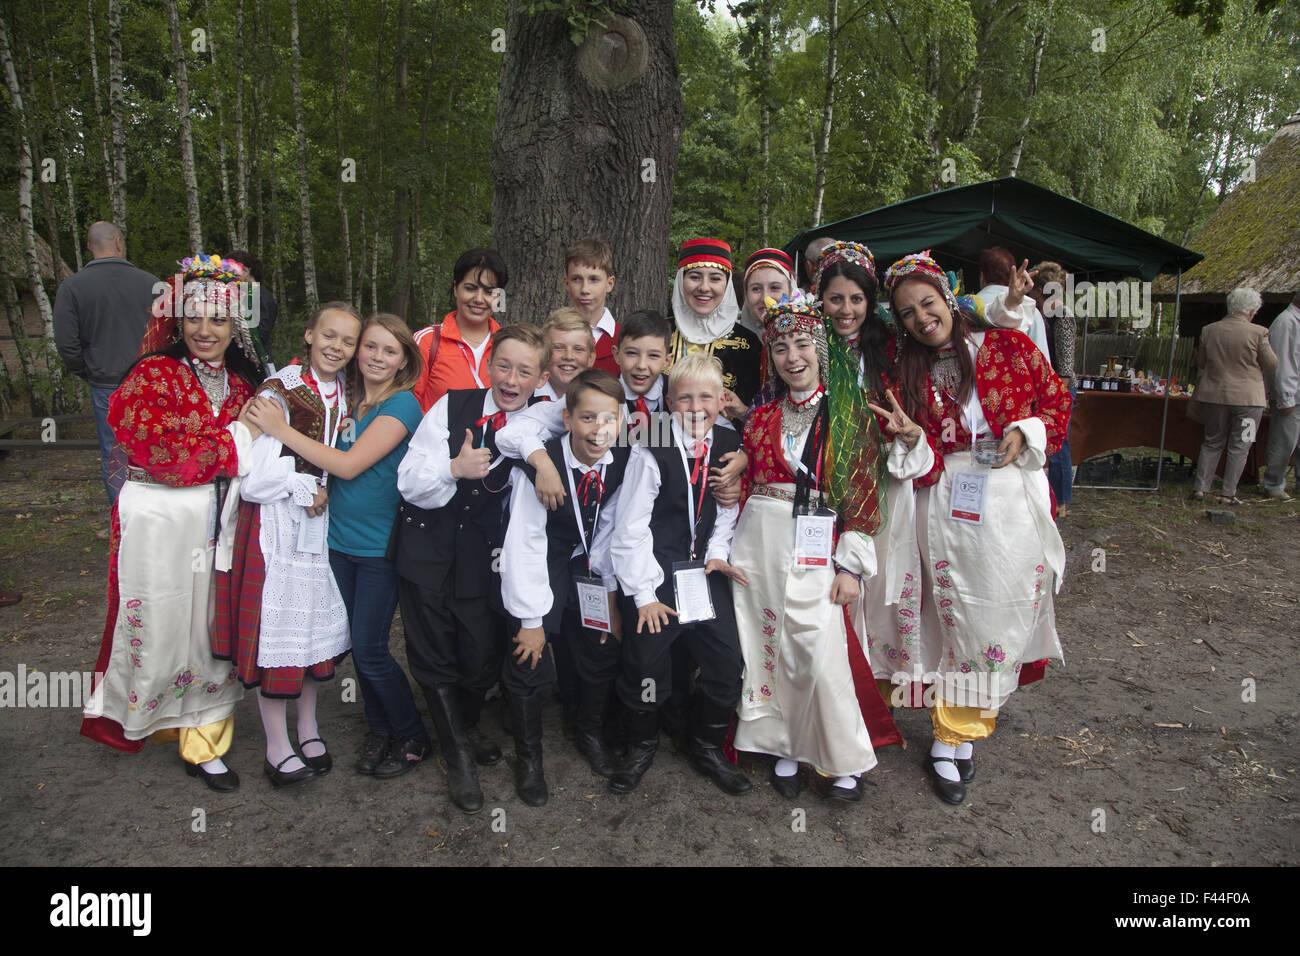 Danzatori provenienti da vari paesi in un international folk arts festival pongono insieme nei pressi di Zielona Immagini Stock